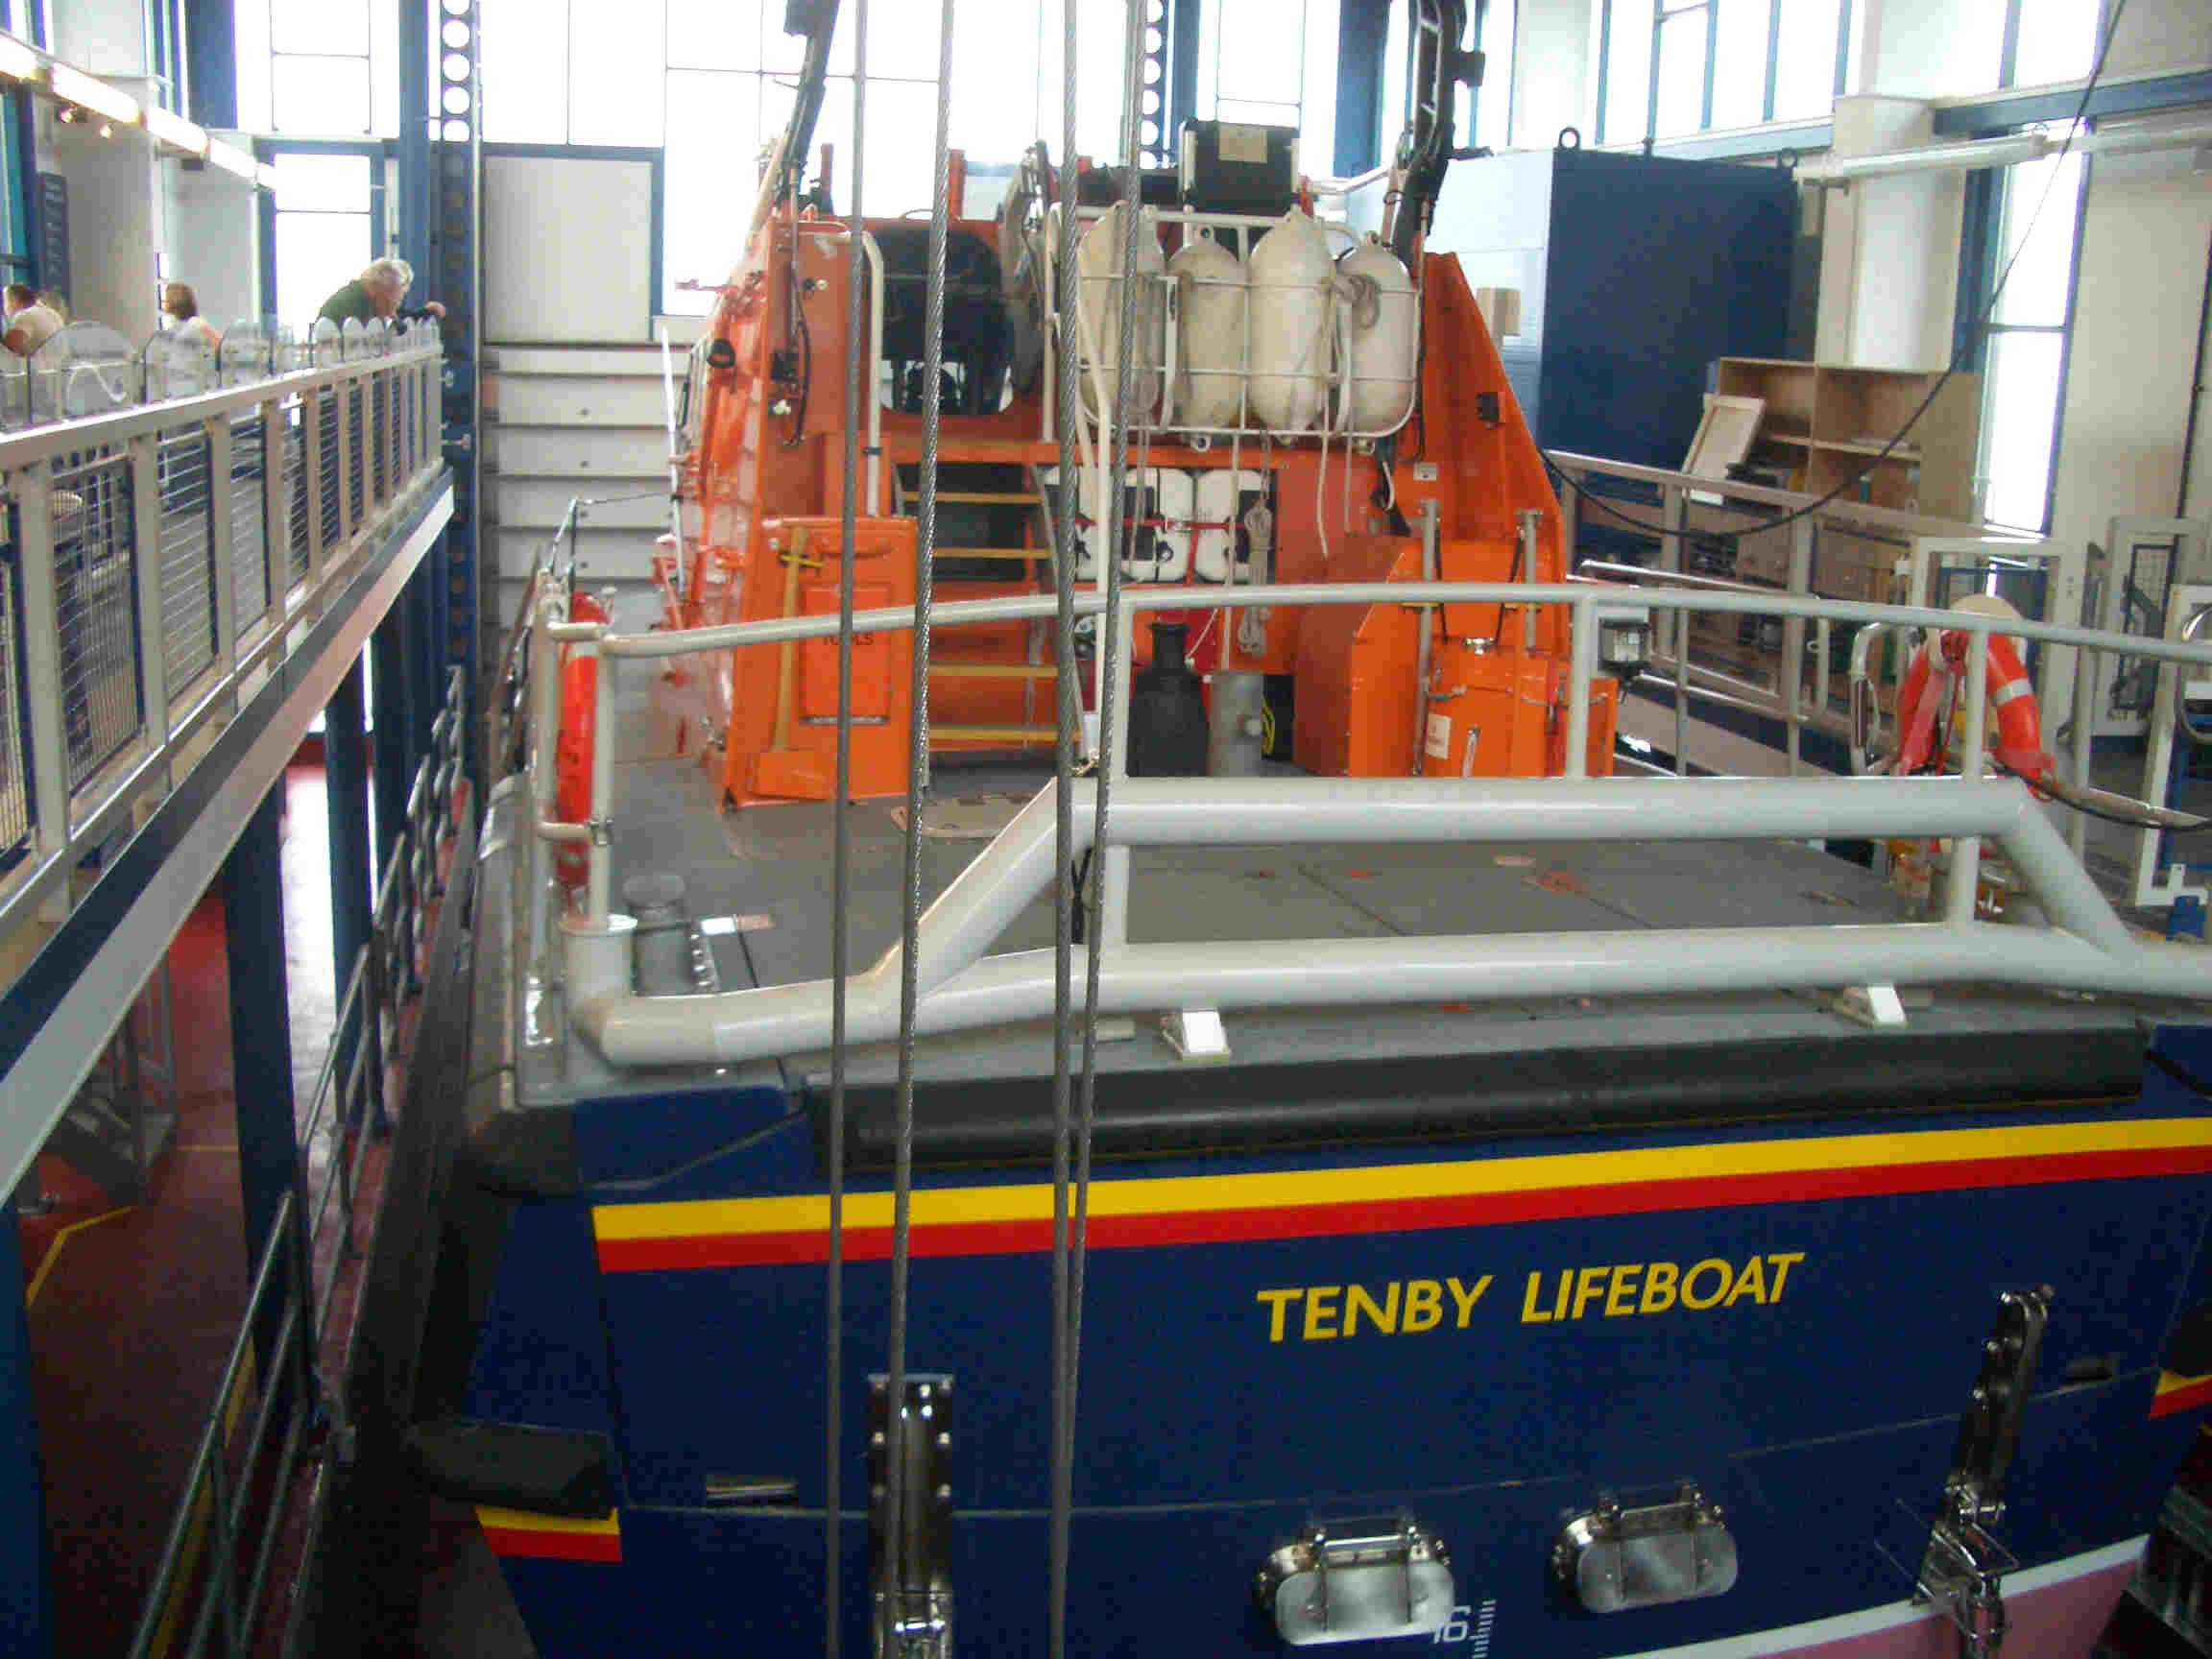 Wales Mumble & Coastline 2015 Saundersfoot Tenby 2009 Pam ...